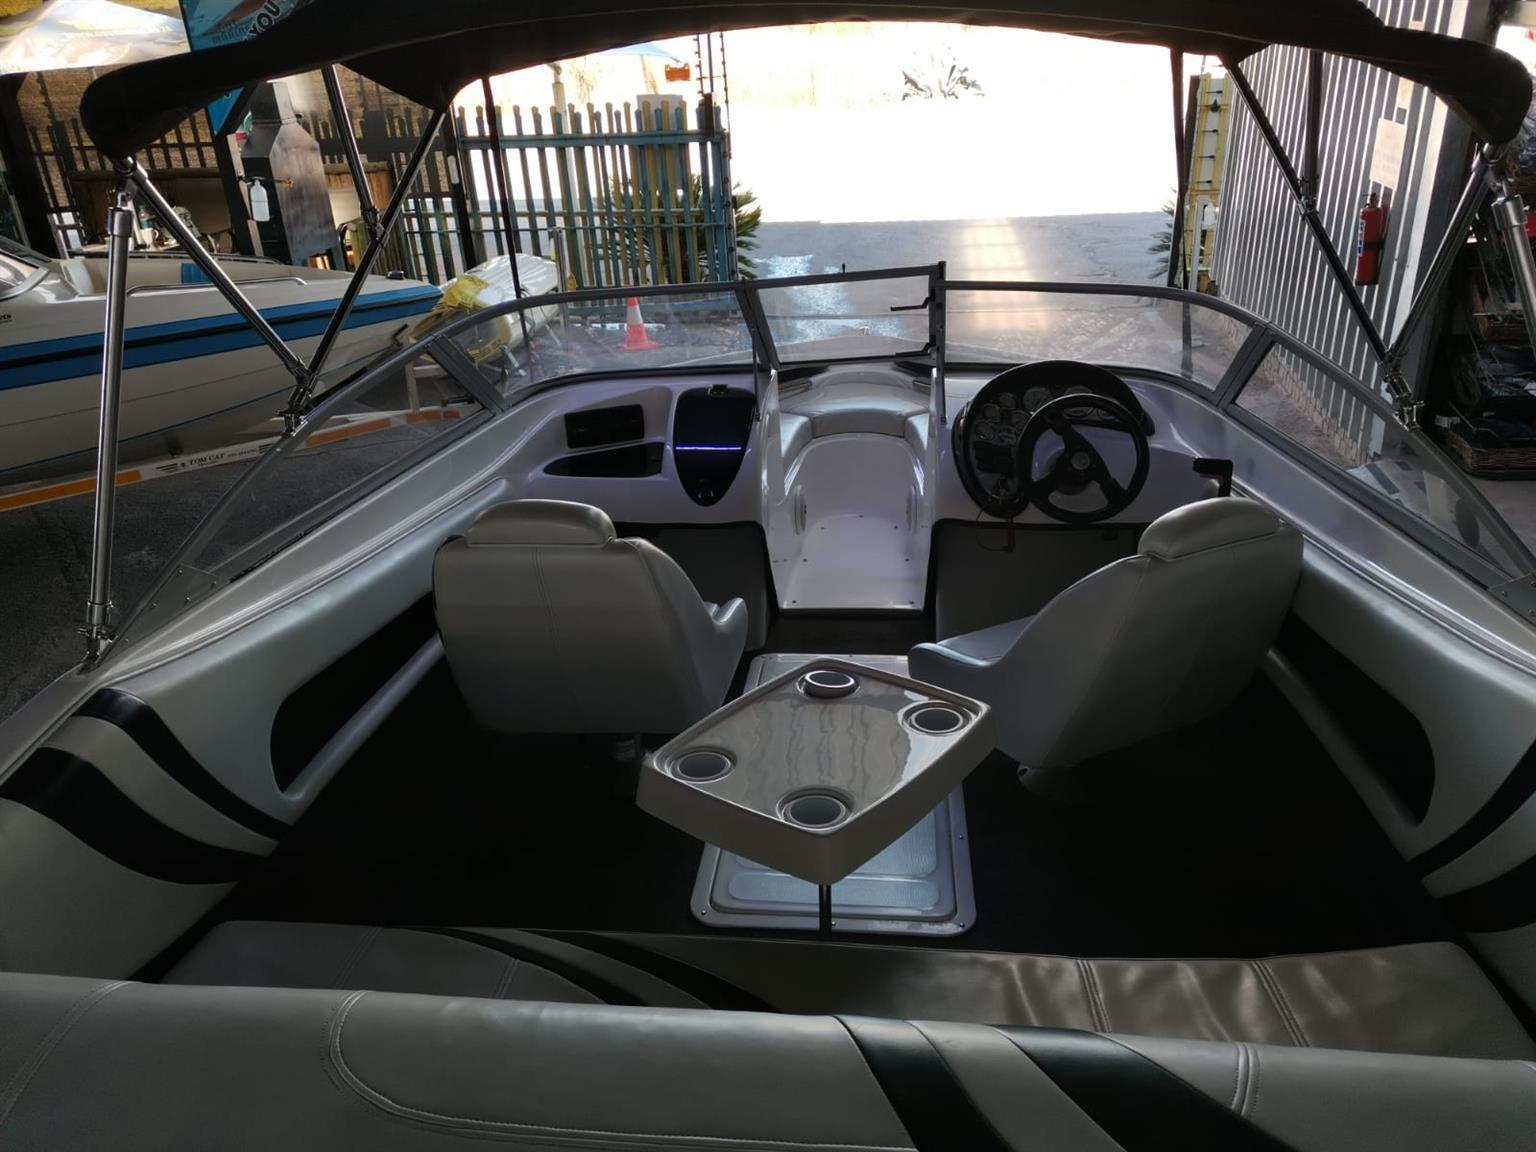 2006 Scimitar 19ft, 200Hp Evinrude E-Tech